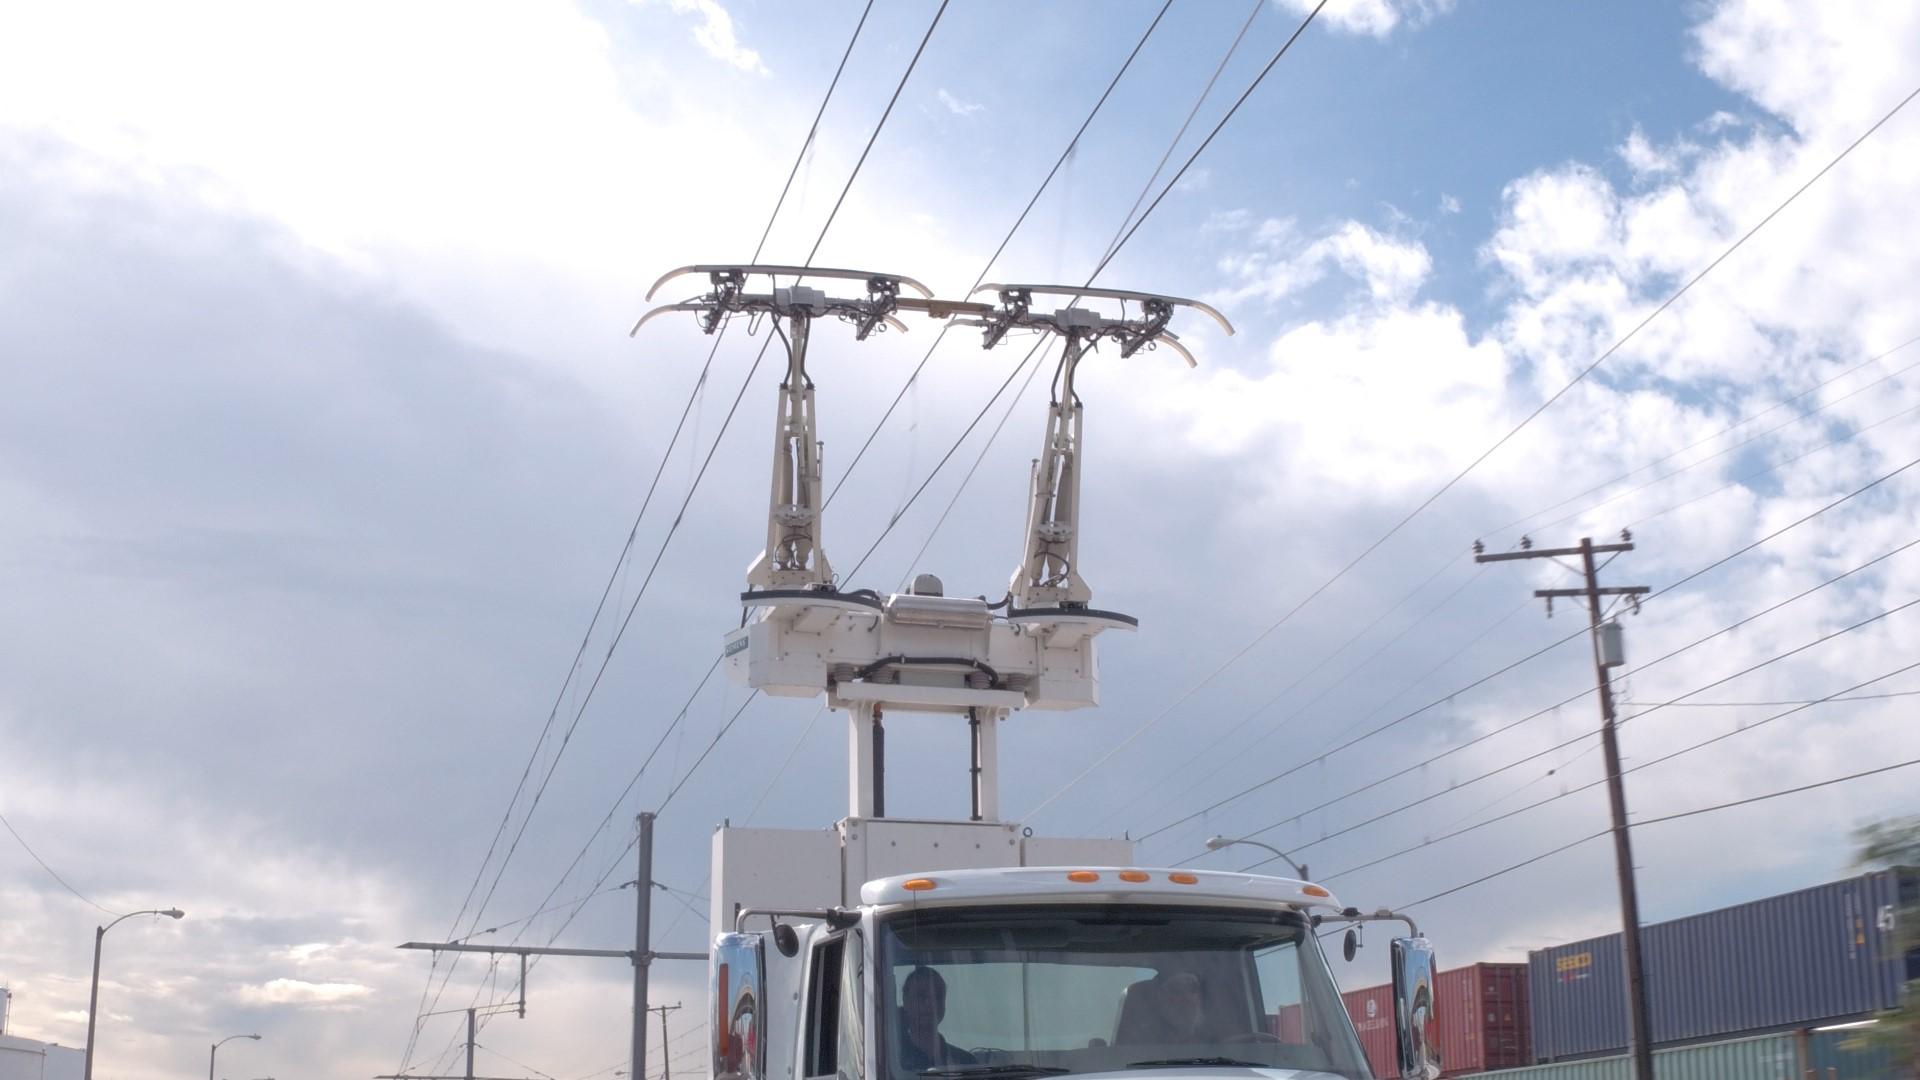 eHighway Kalifornien Stromabnehmer Lkw E-Lkw